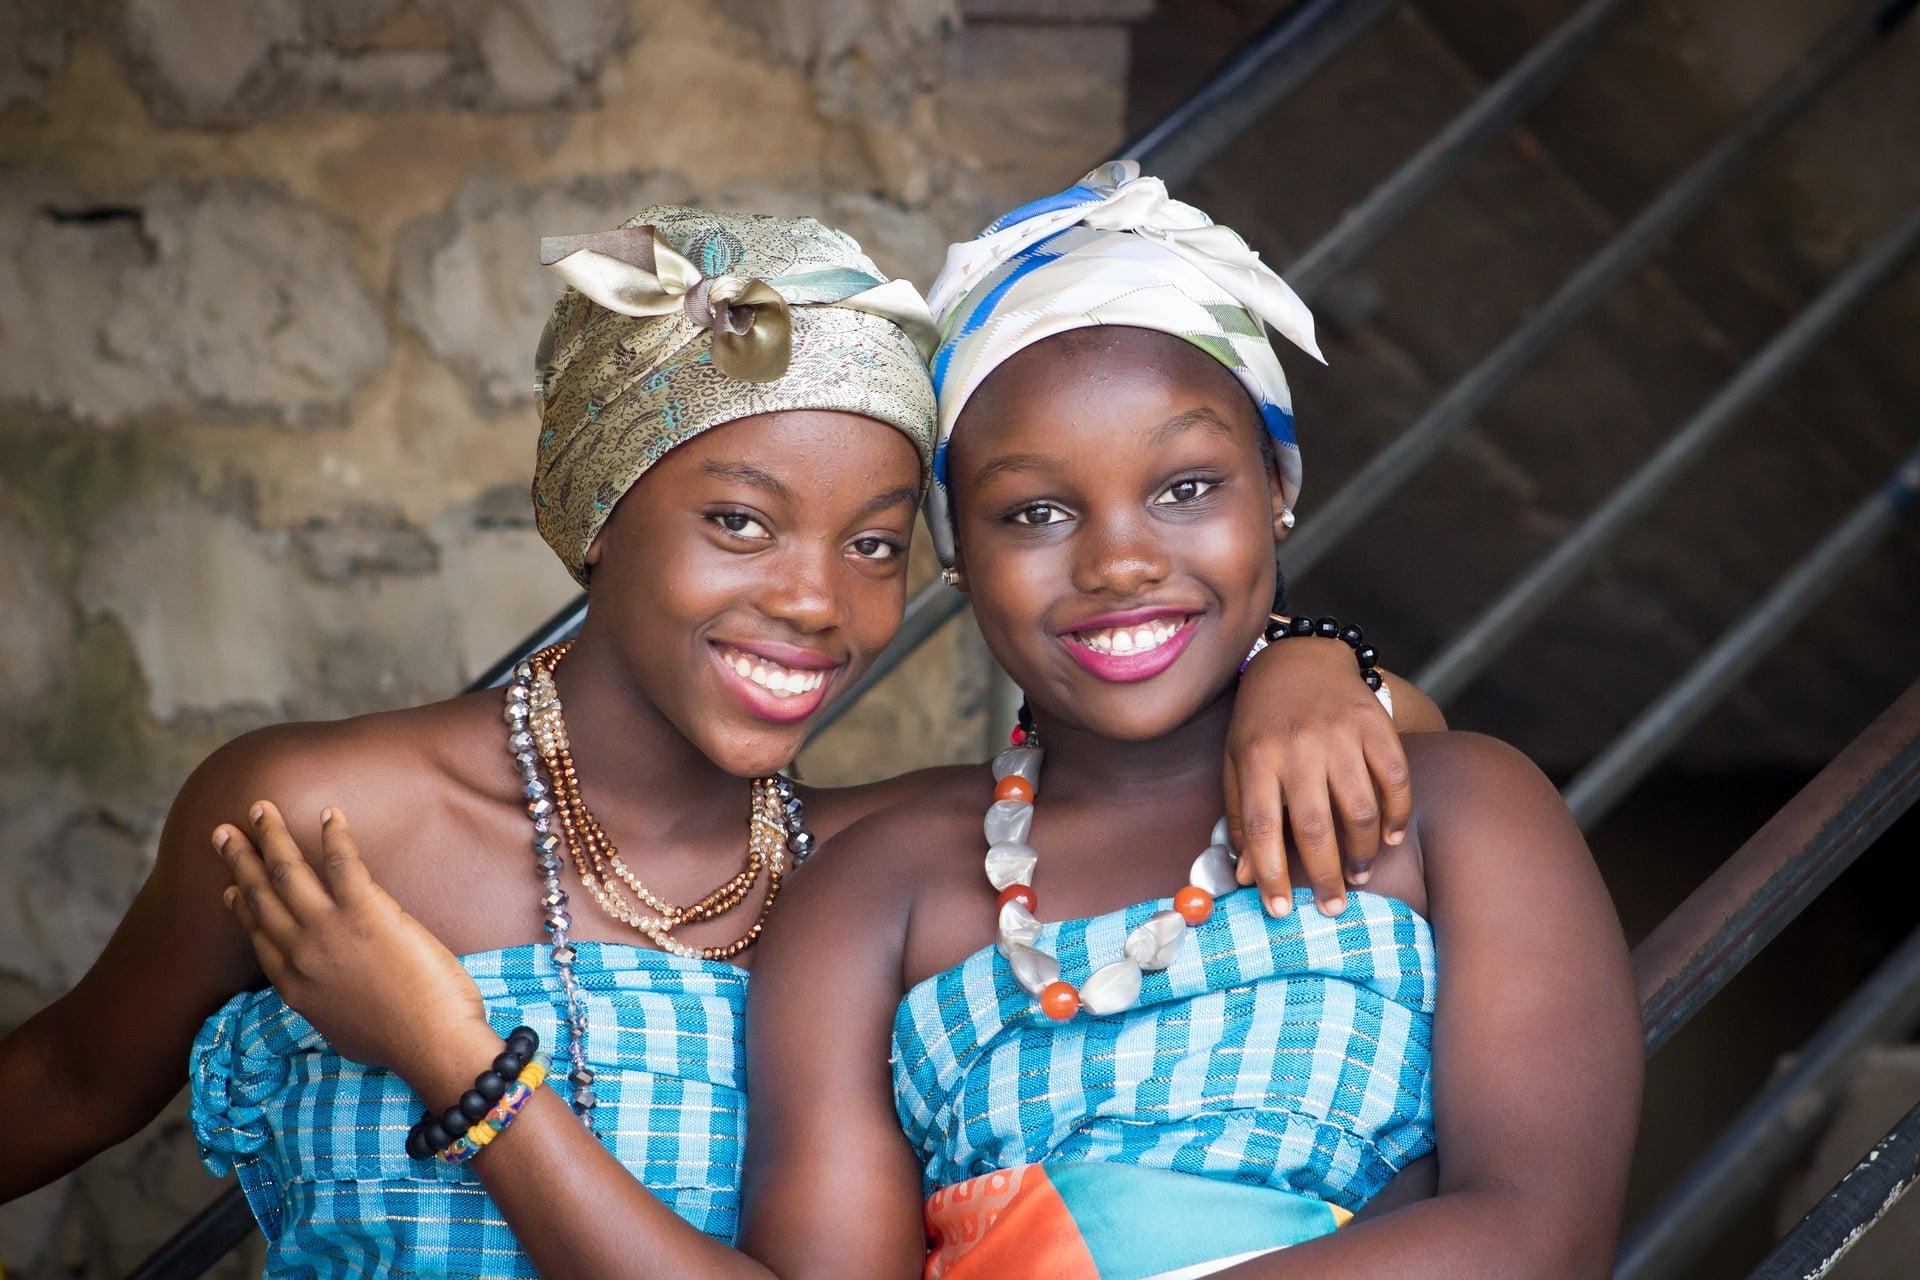 Volontariato Internazionale in Kenya per i diritti di bambine e ragazze